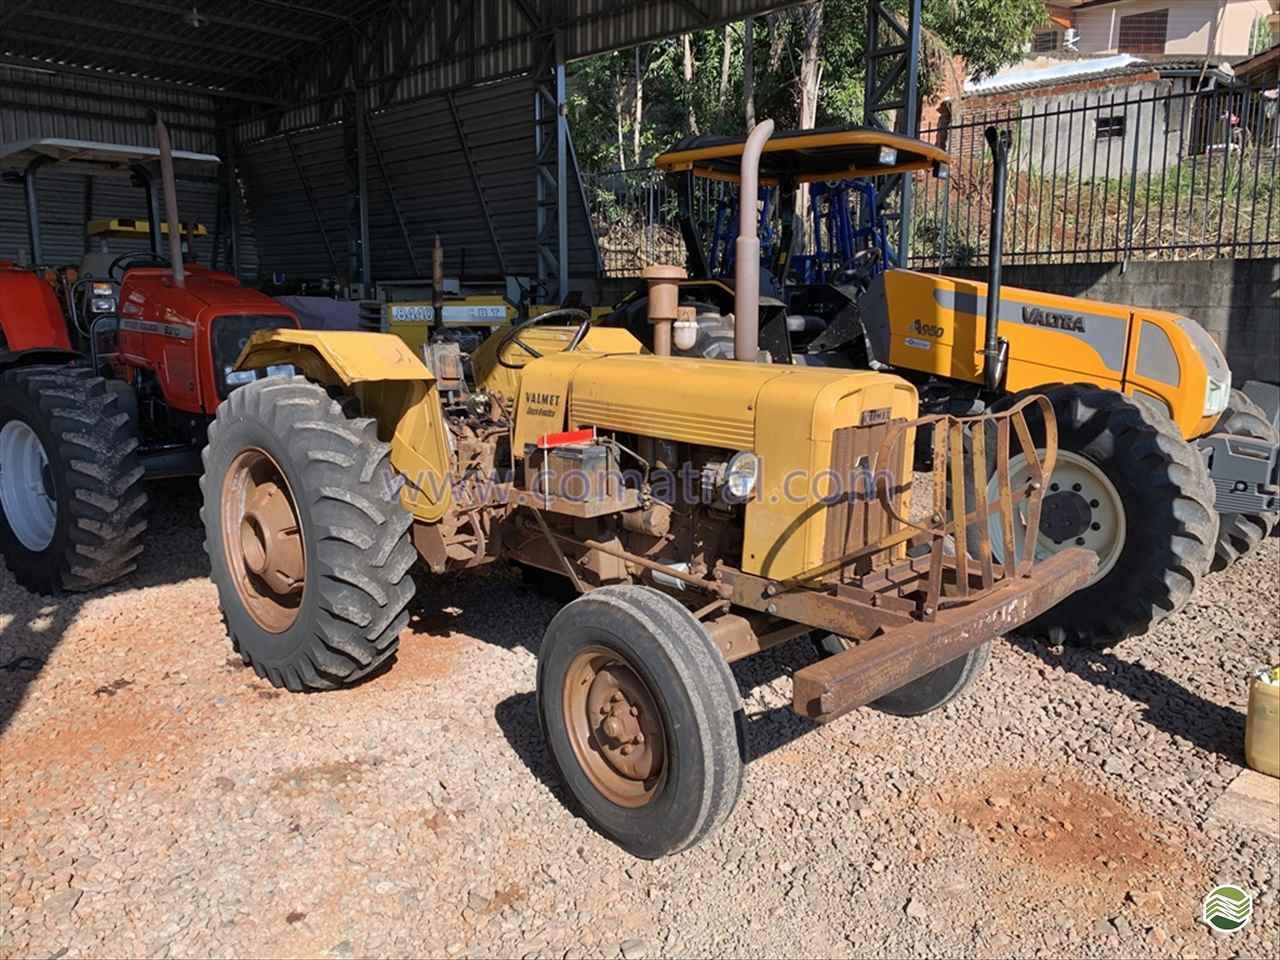 VALMET 65 de Comatral Caminhões e Máquinas Agrícolas - PANAMBI/RS